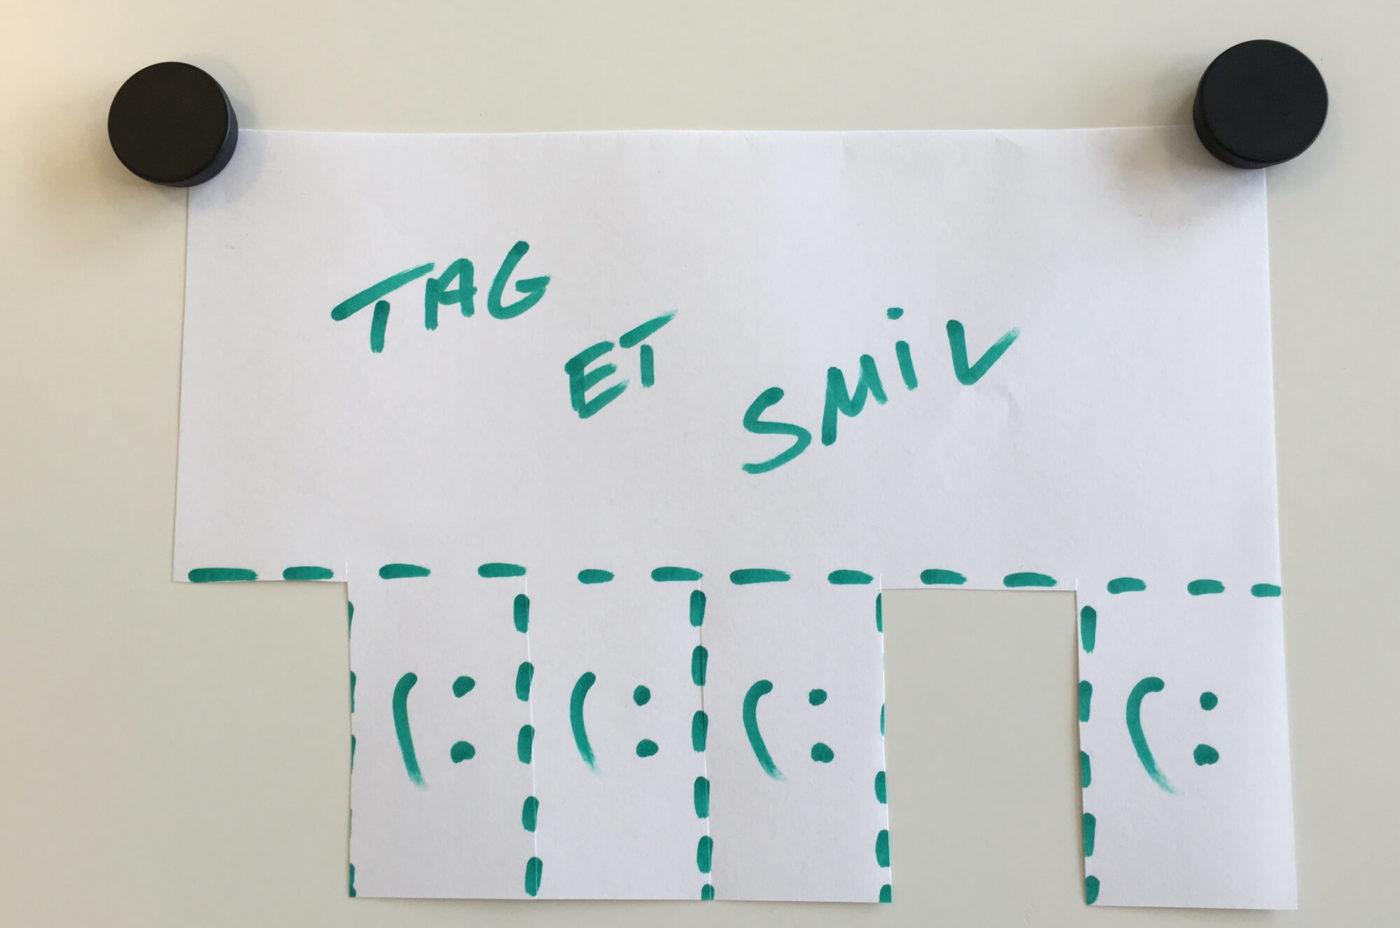 Tag et smil